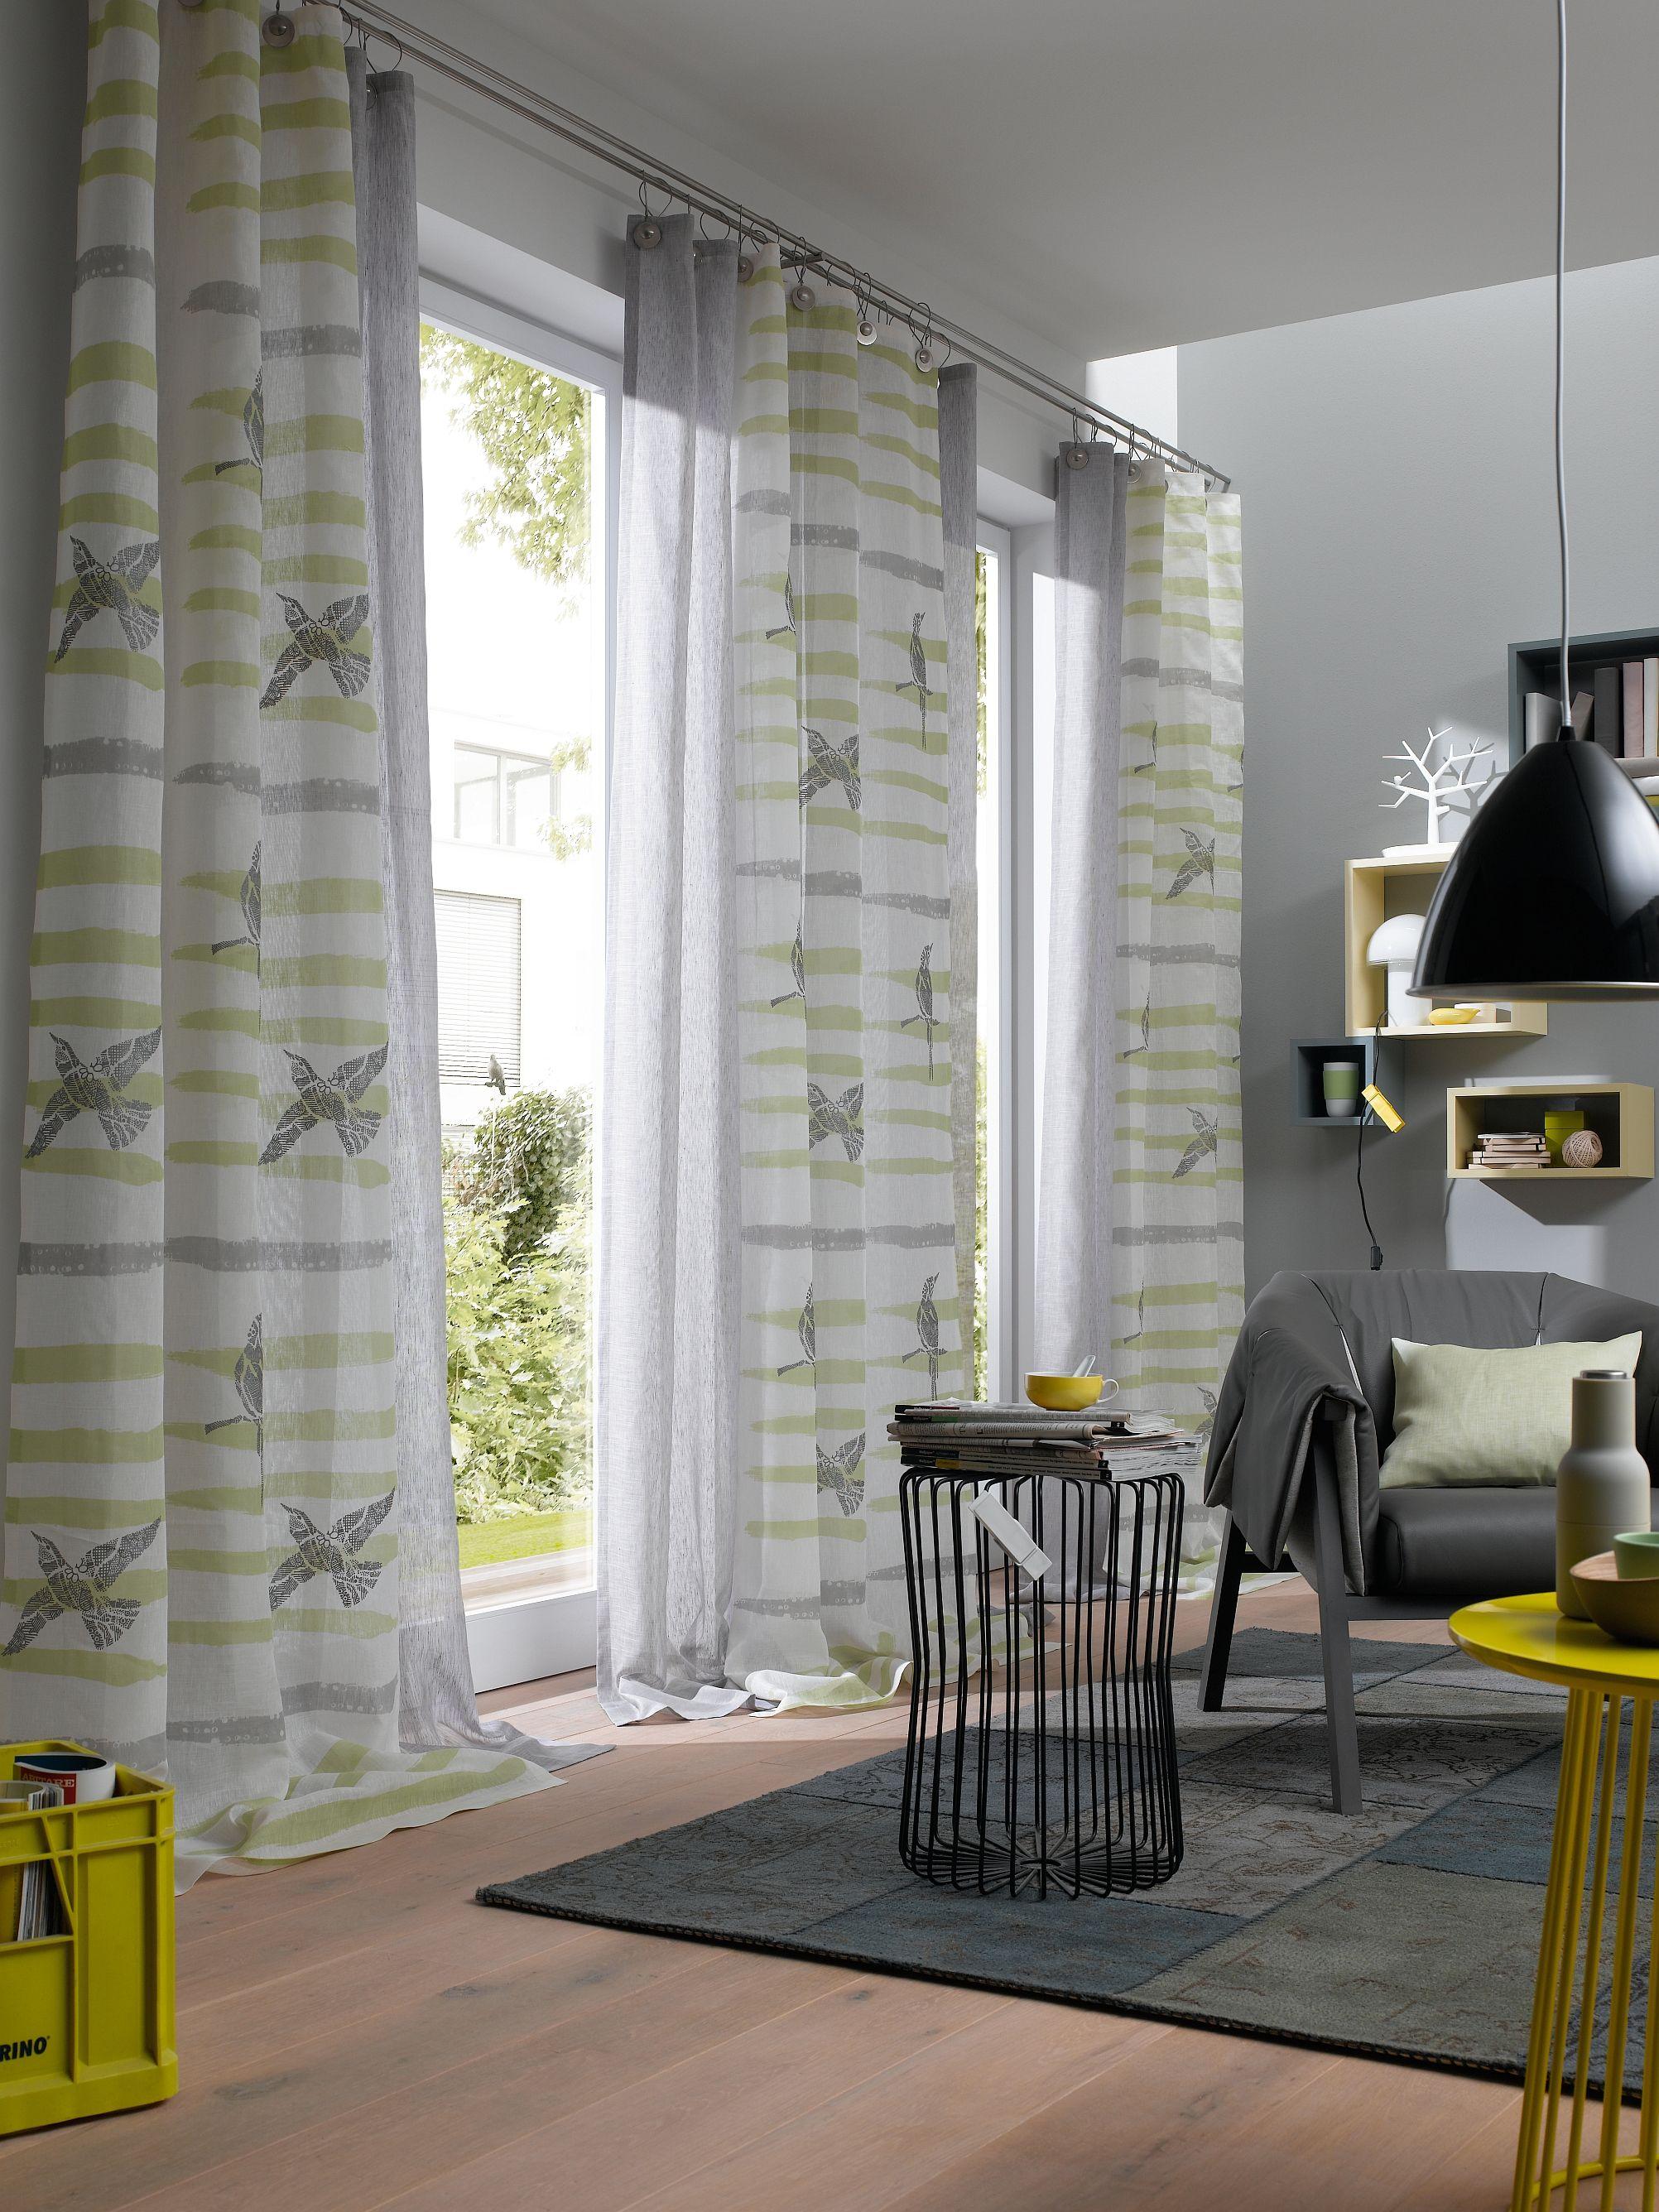 Ado Dessin Early Bird Stoff Fabric Vorhang Gardine Curtain Vogel Gelb Yellow Illustration Leinen Linnen Vorhänge Wohnzimmer Haus Deko Wohnen